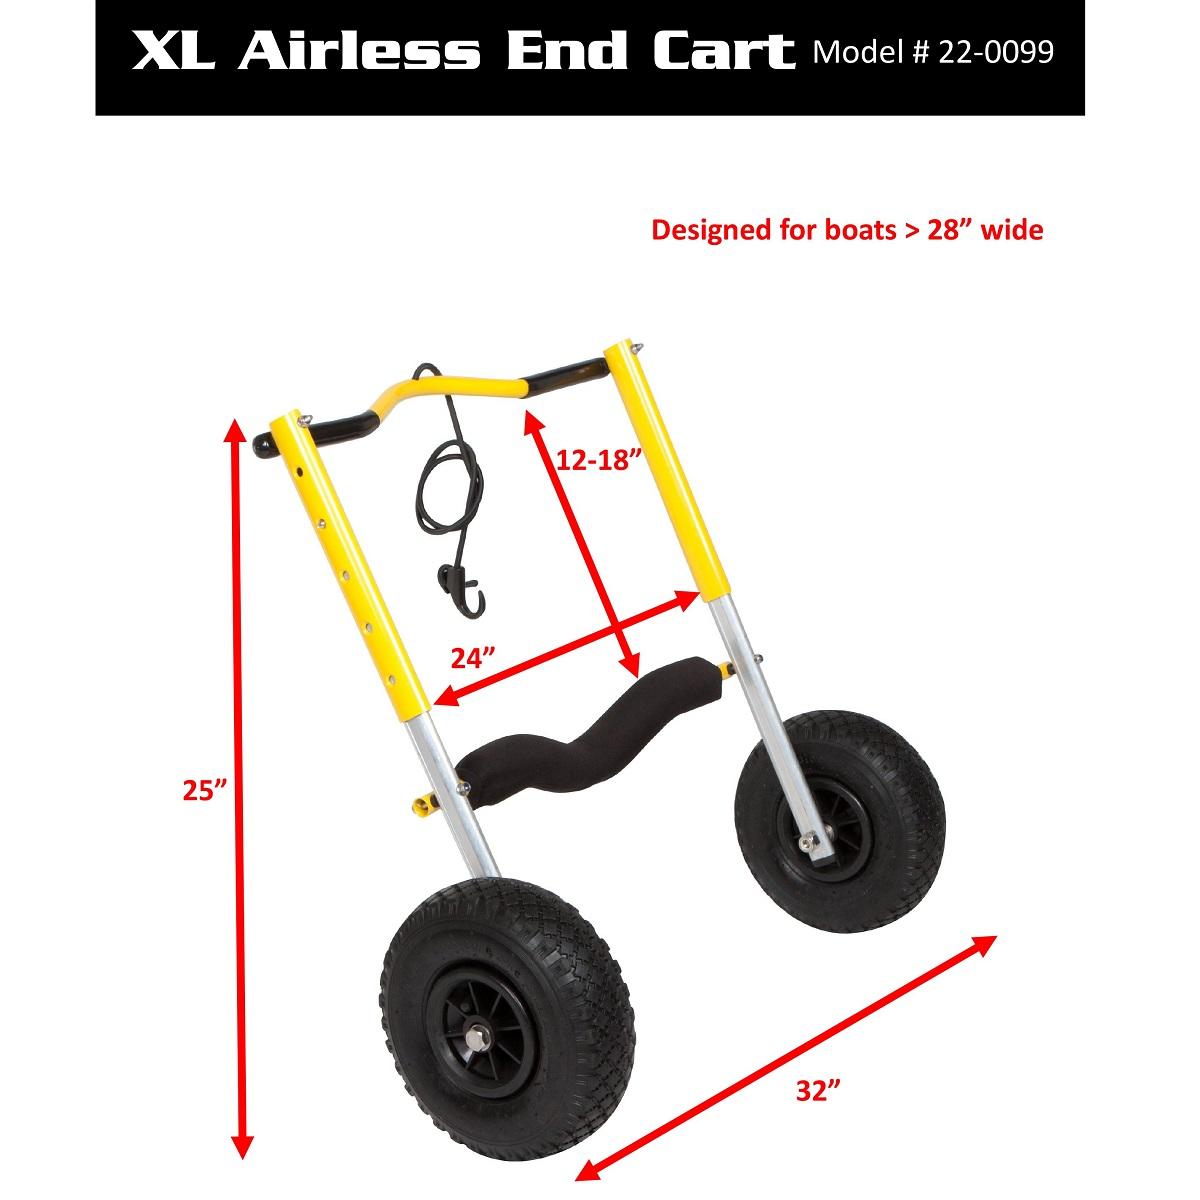 Suspenz END Cart - X-Large Dims